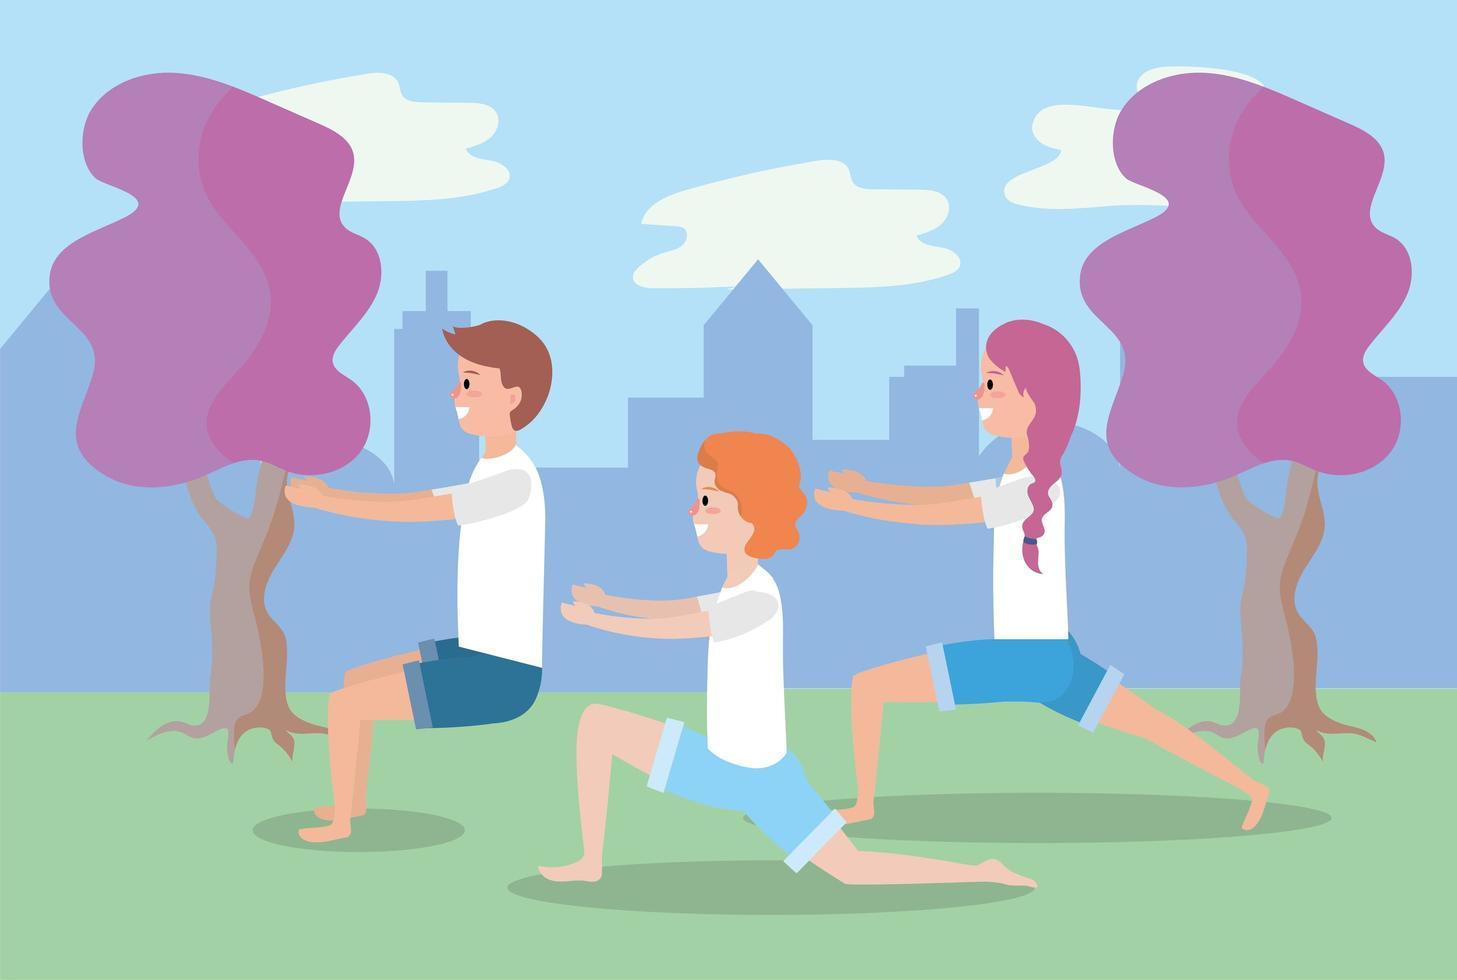 giovani che fanno yoga all'aperto vettore